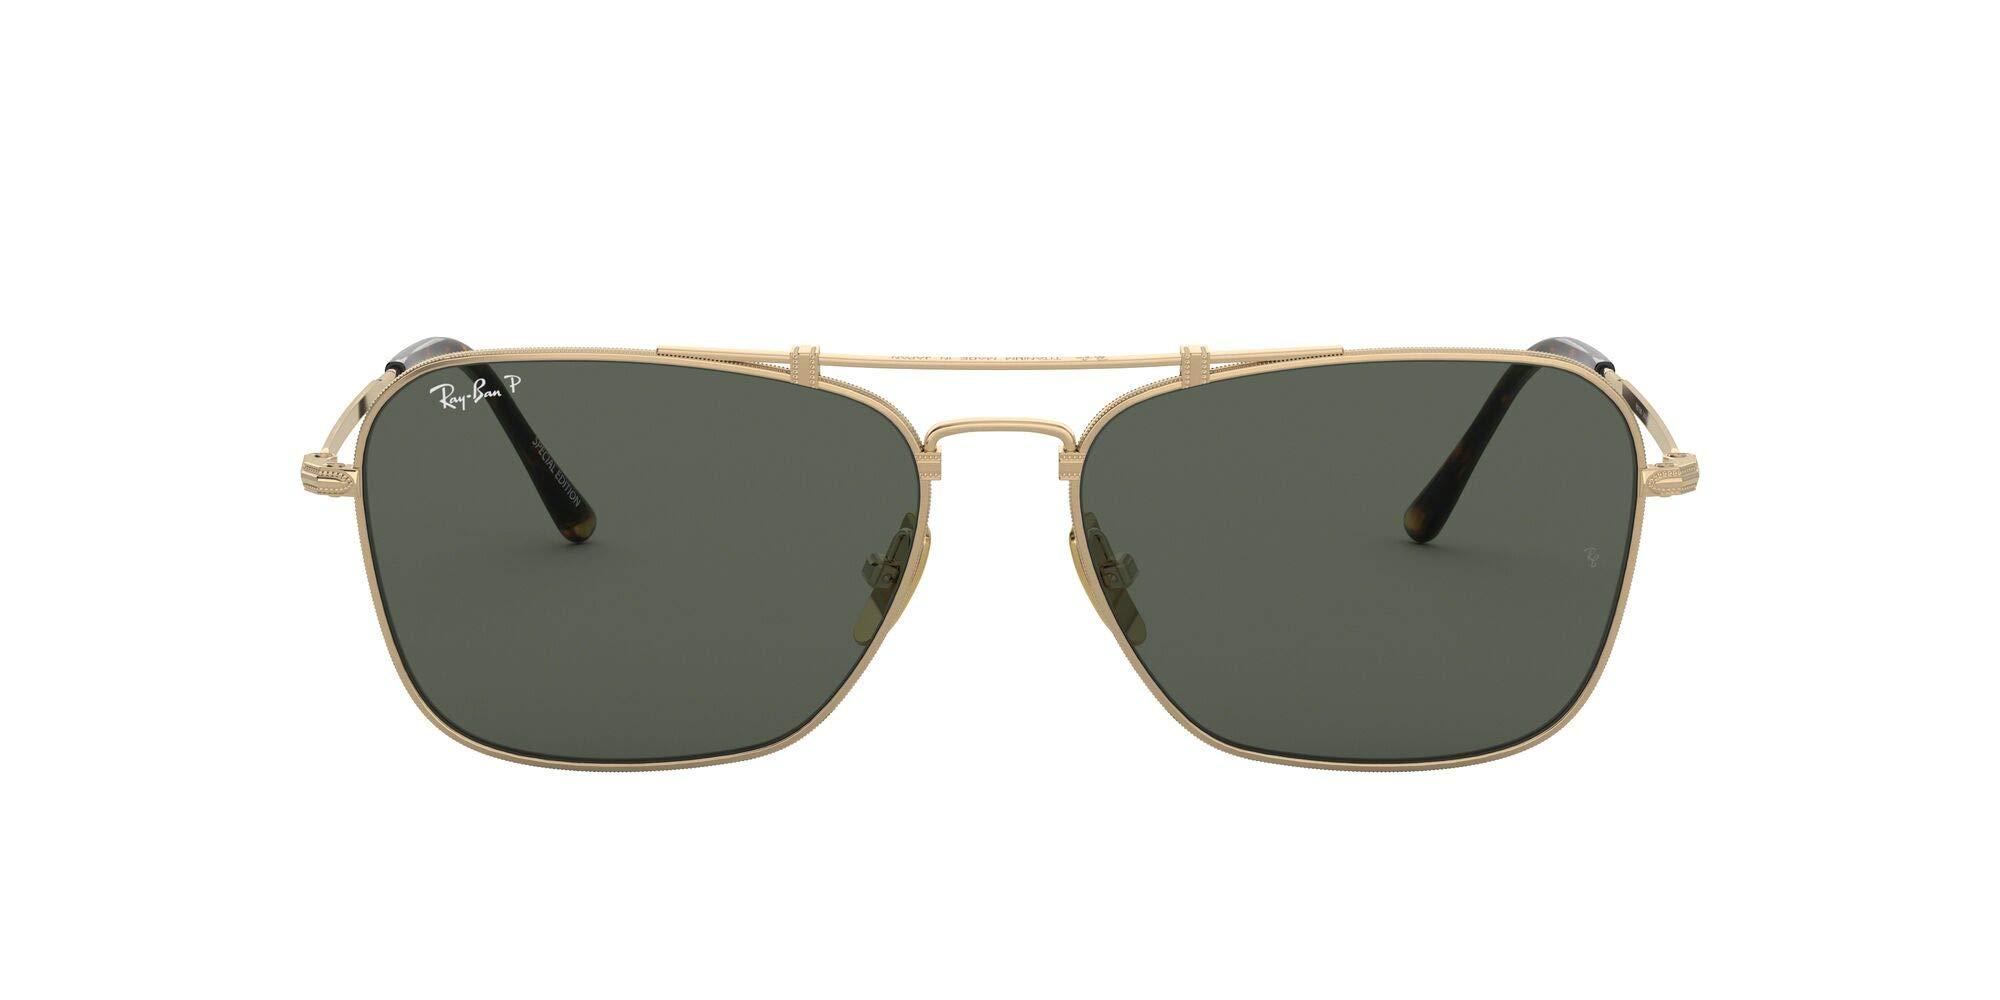 Ray-Ban RB8136M Caravan Titanium Square Sunglasses